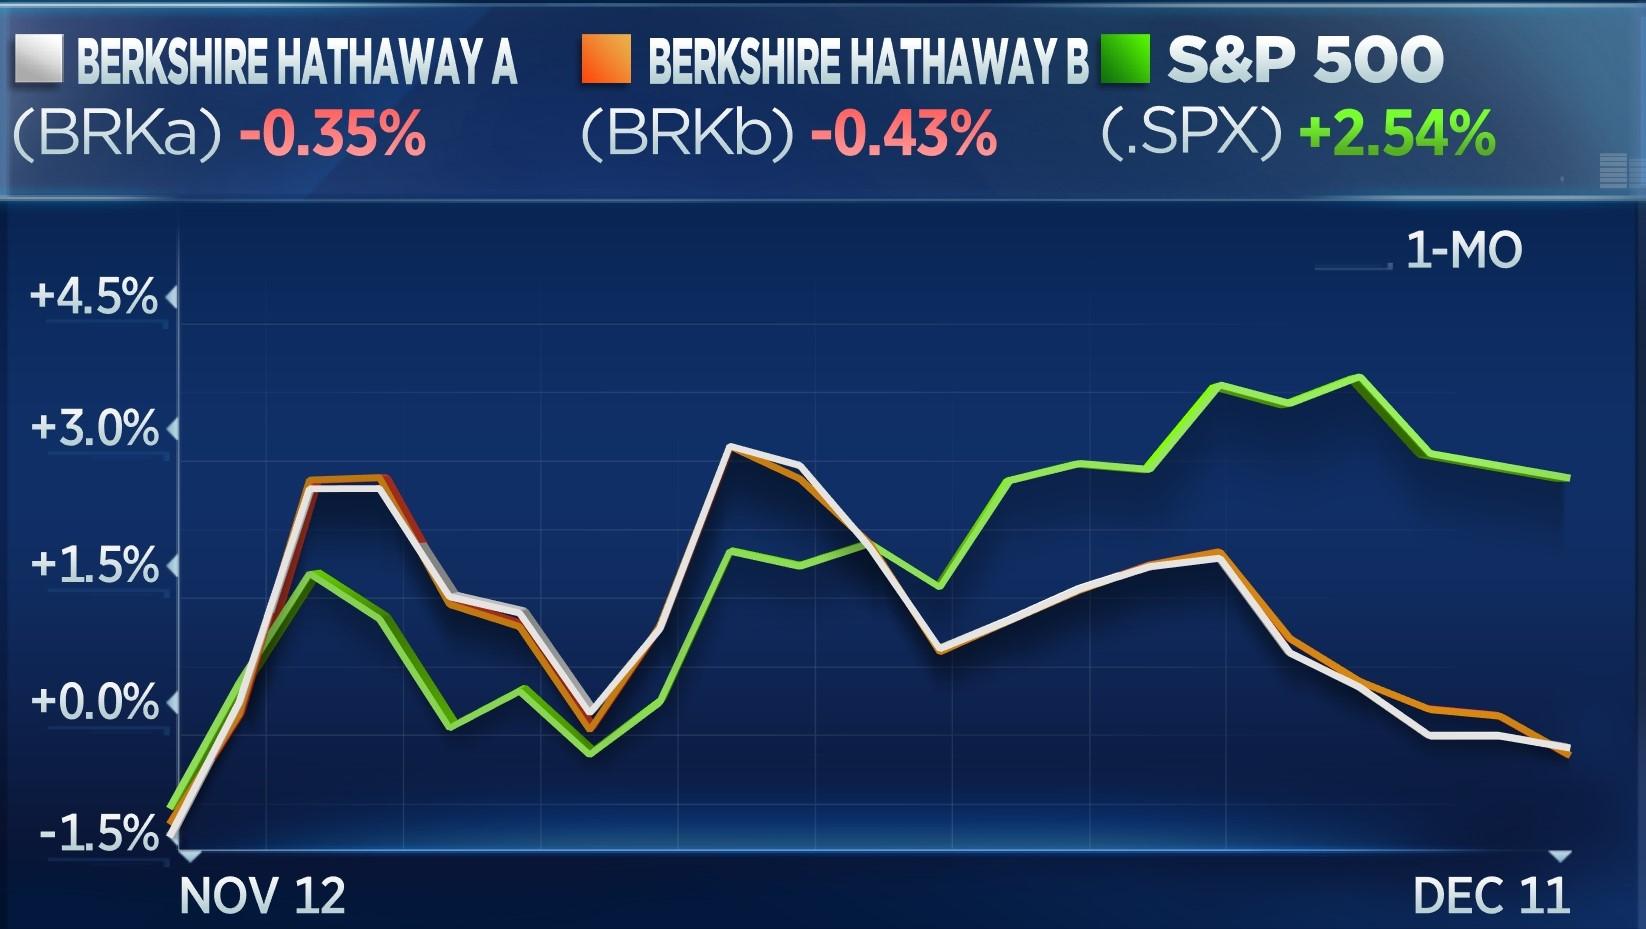 1 month: BRKa -0.35%, BRKb -0.43%, .SPX +2.54%